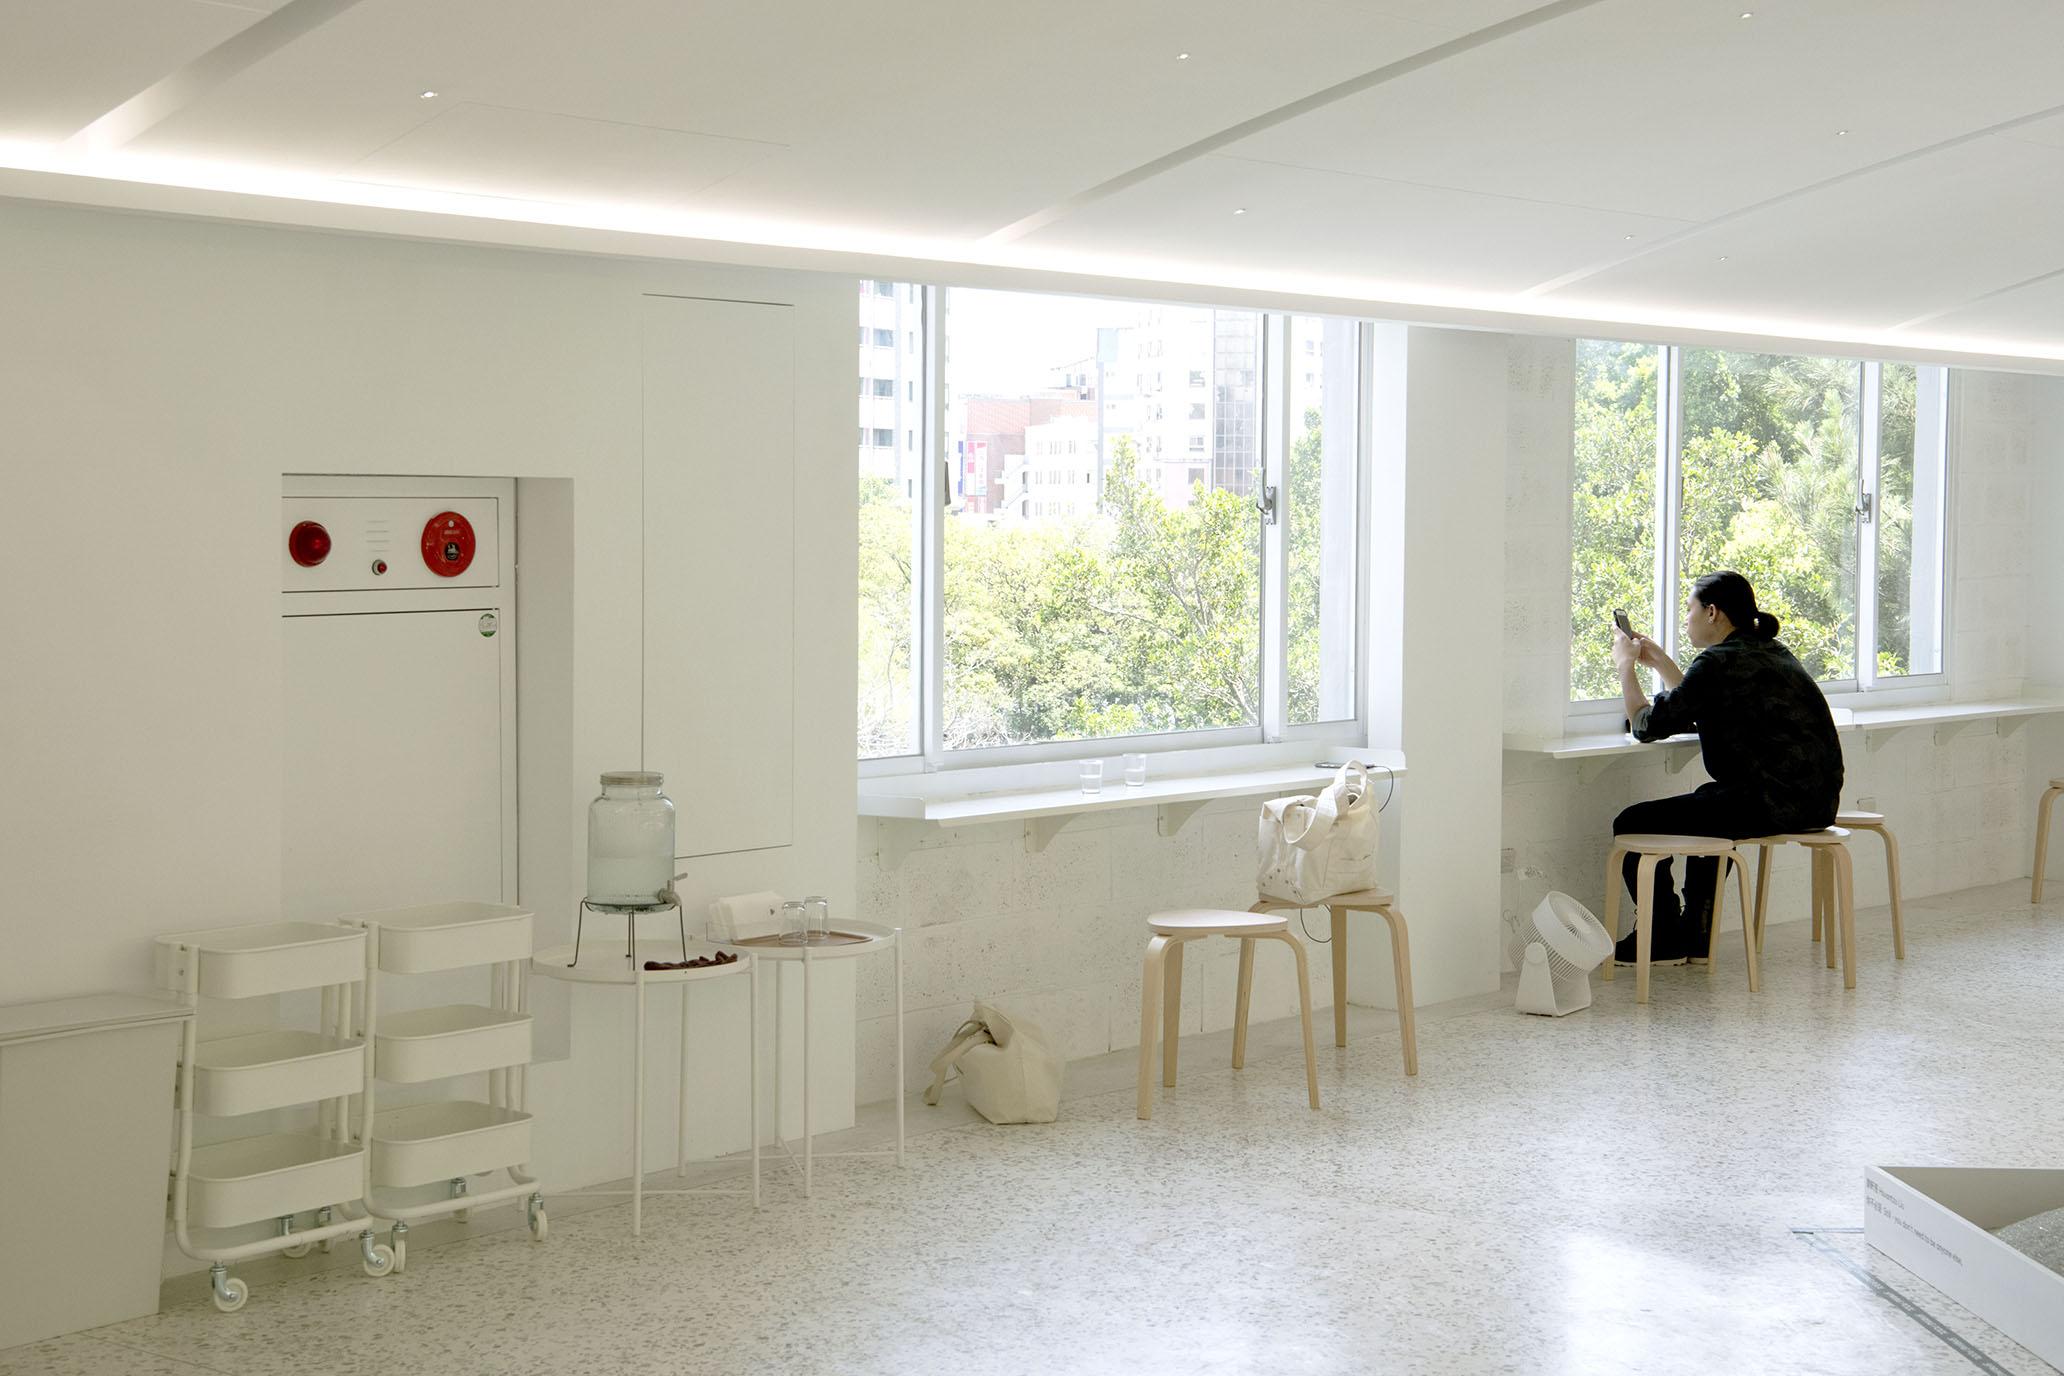 網站近期文章:新竹春室,夏至裡感受玻璃的各形思緒與聲息。